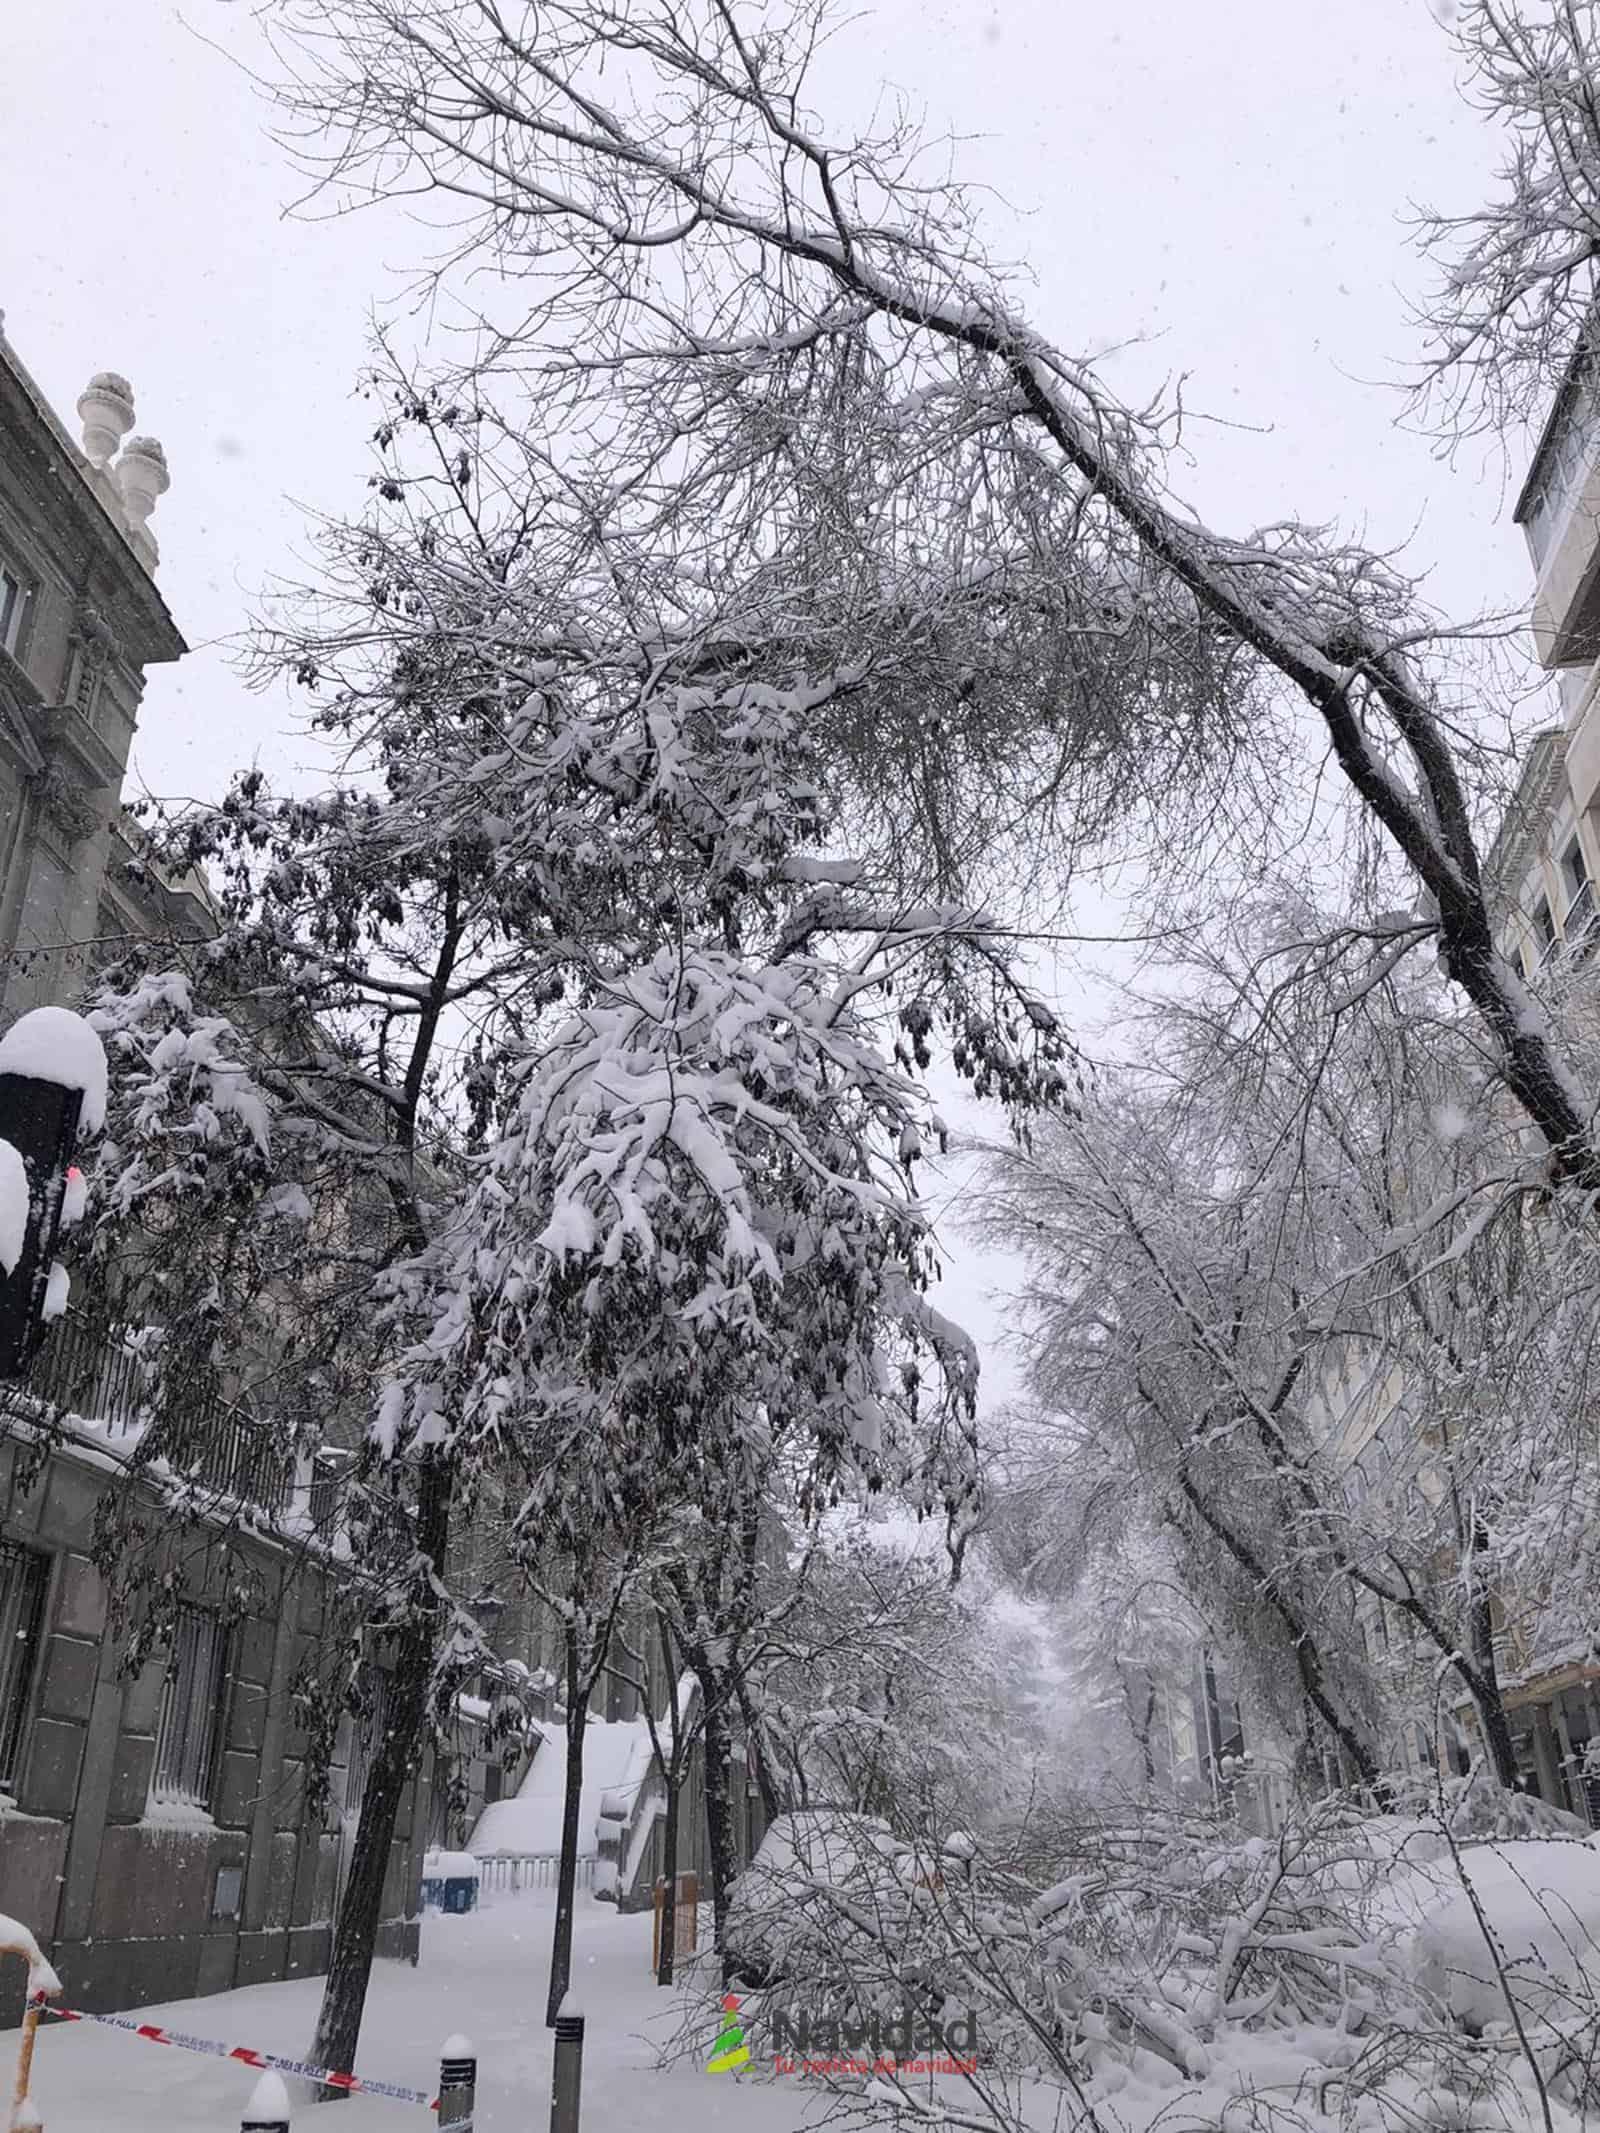 Fotografías de la nevada de enero en Madrid (España) 80